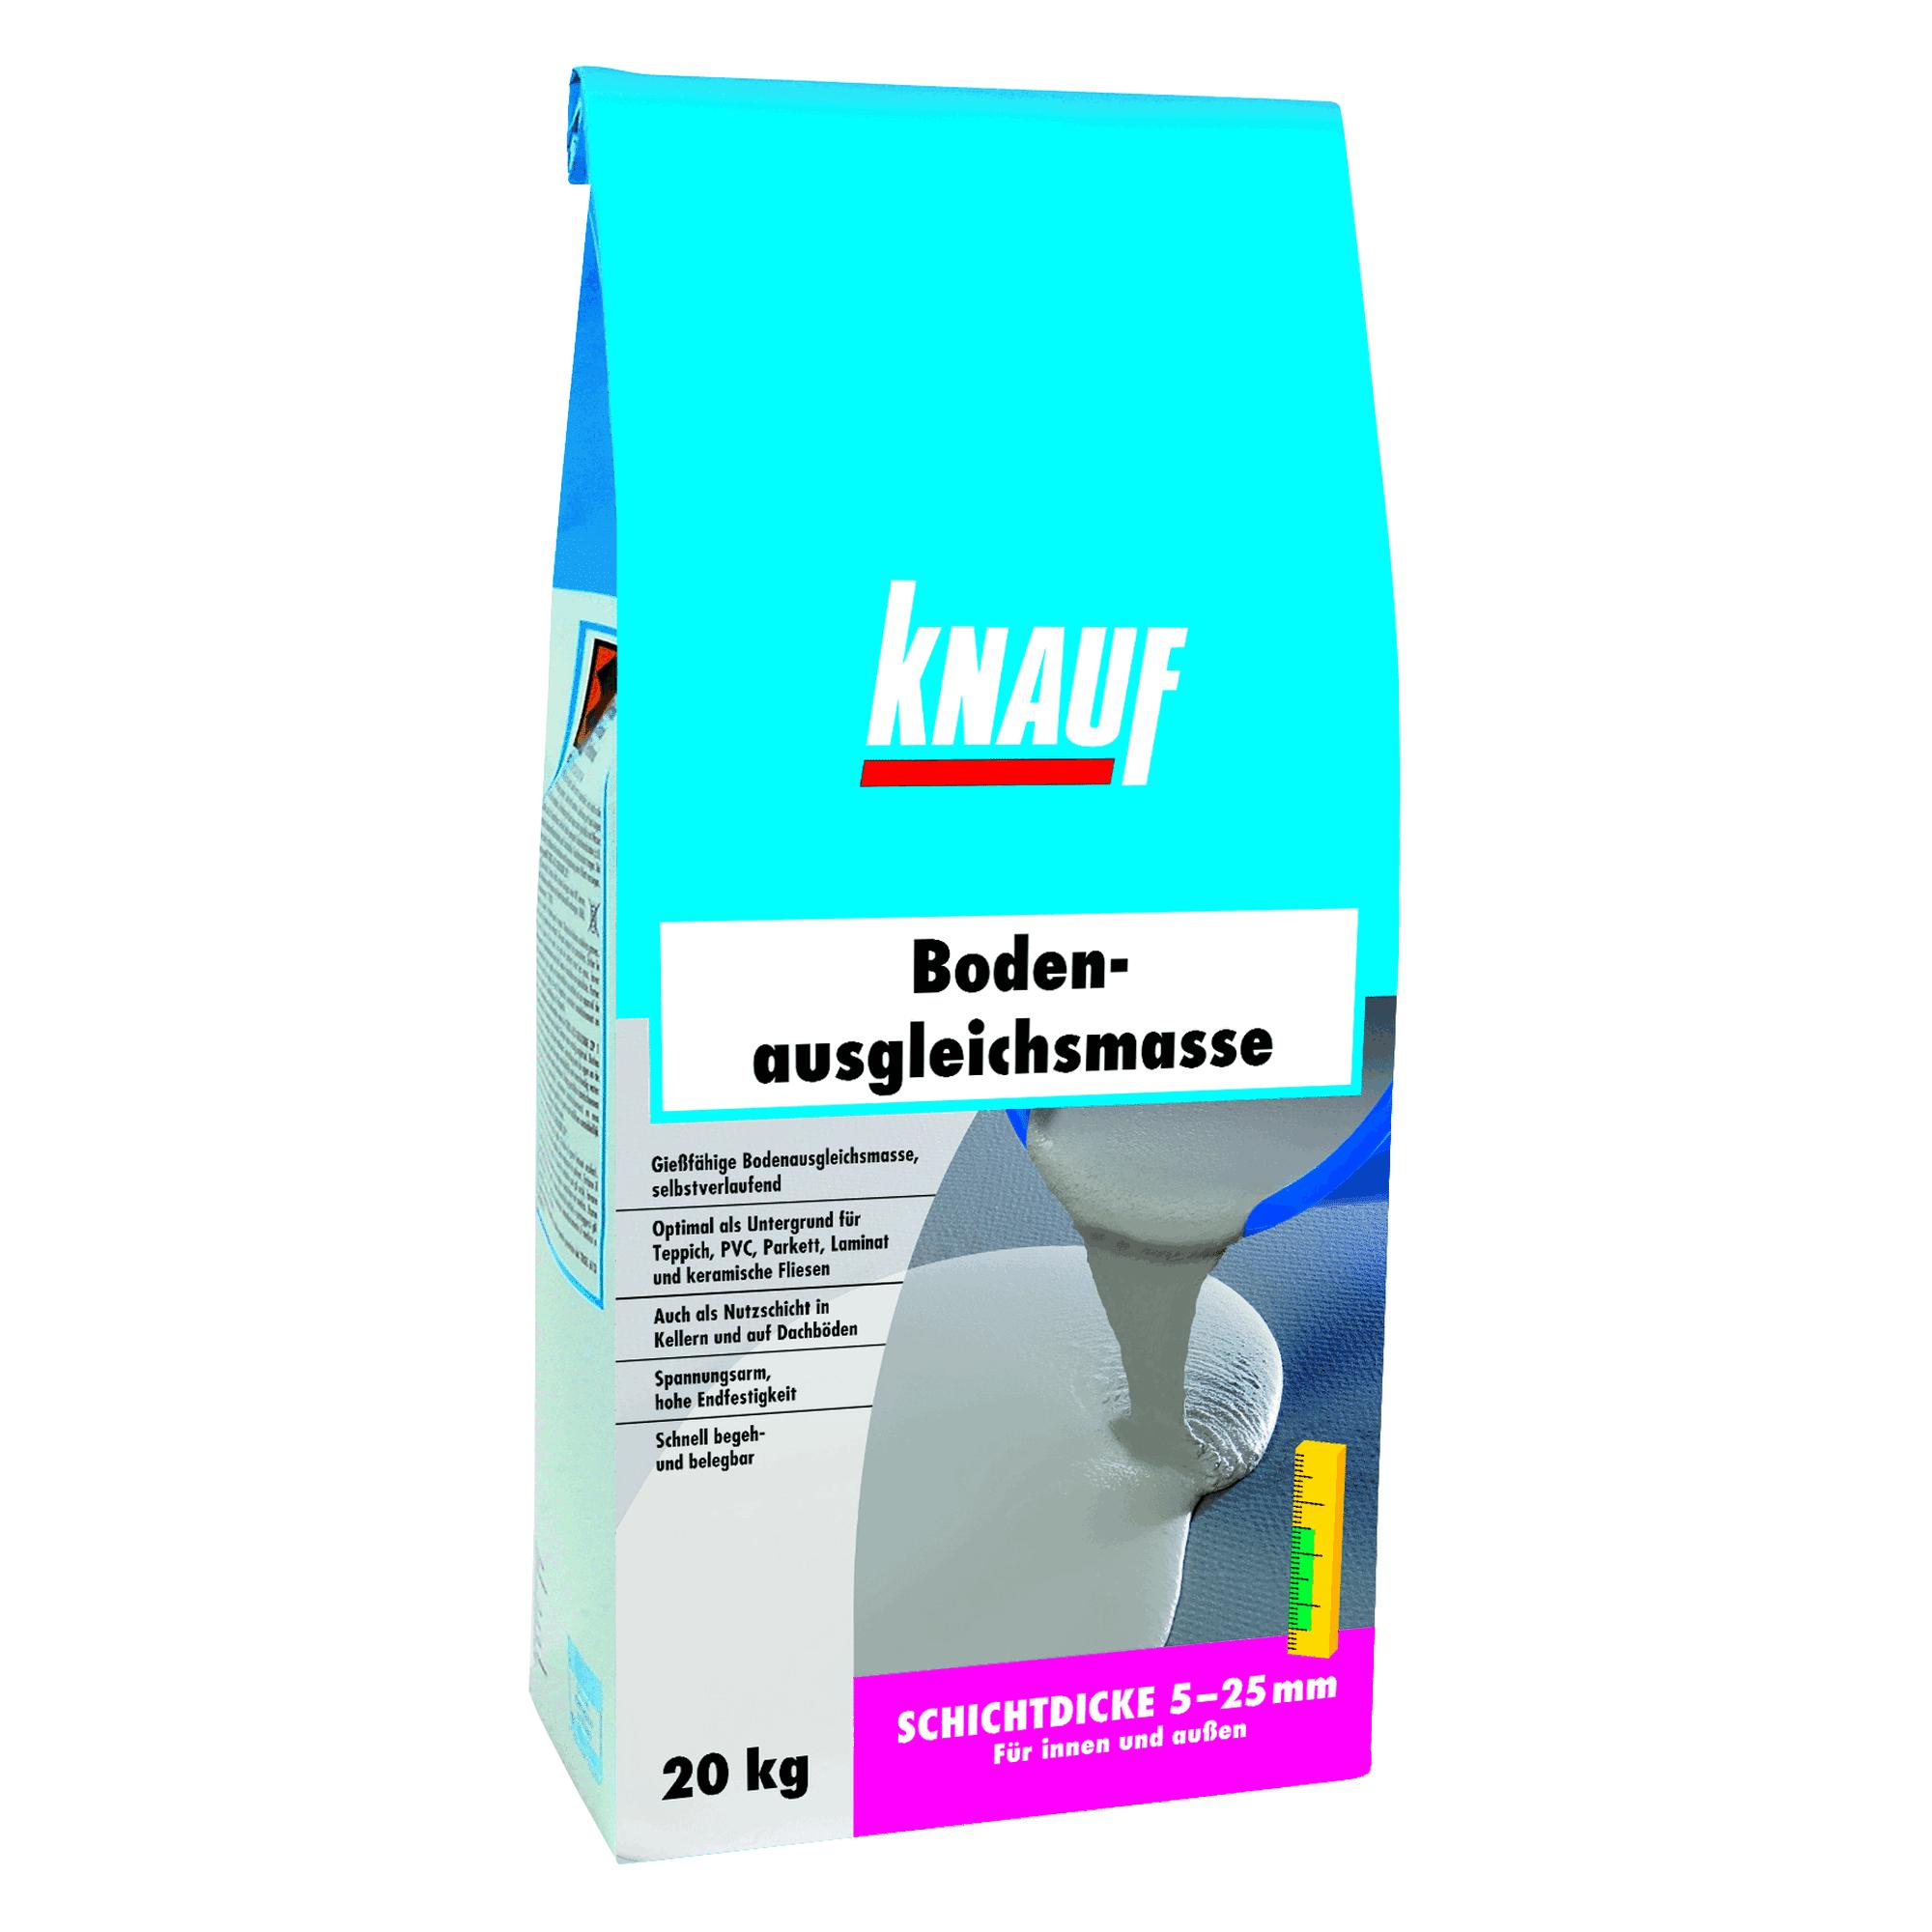 Sehr Knauf Bodenausgleichsmasse 5 - 25 mm 20 kg ǀ toom Baumarkt XR39